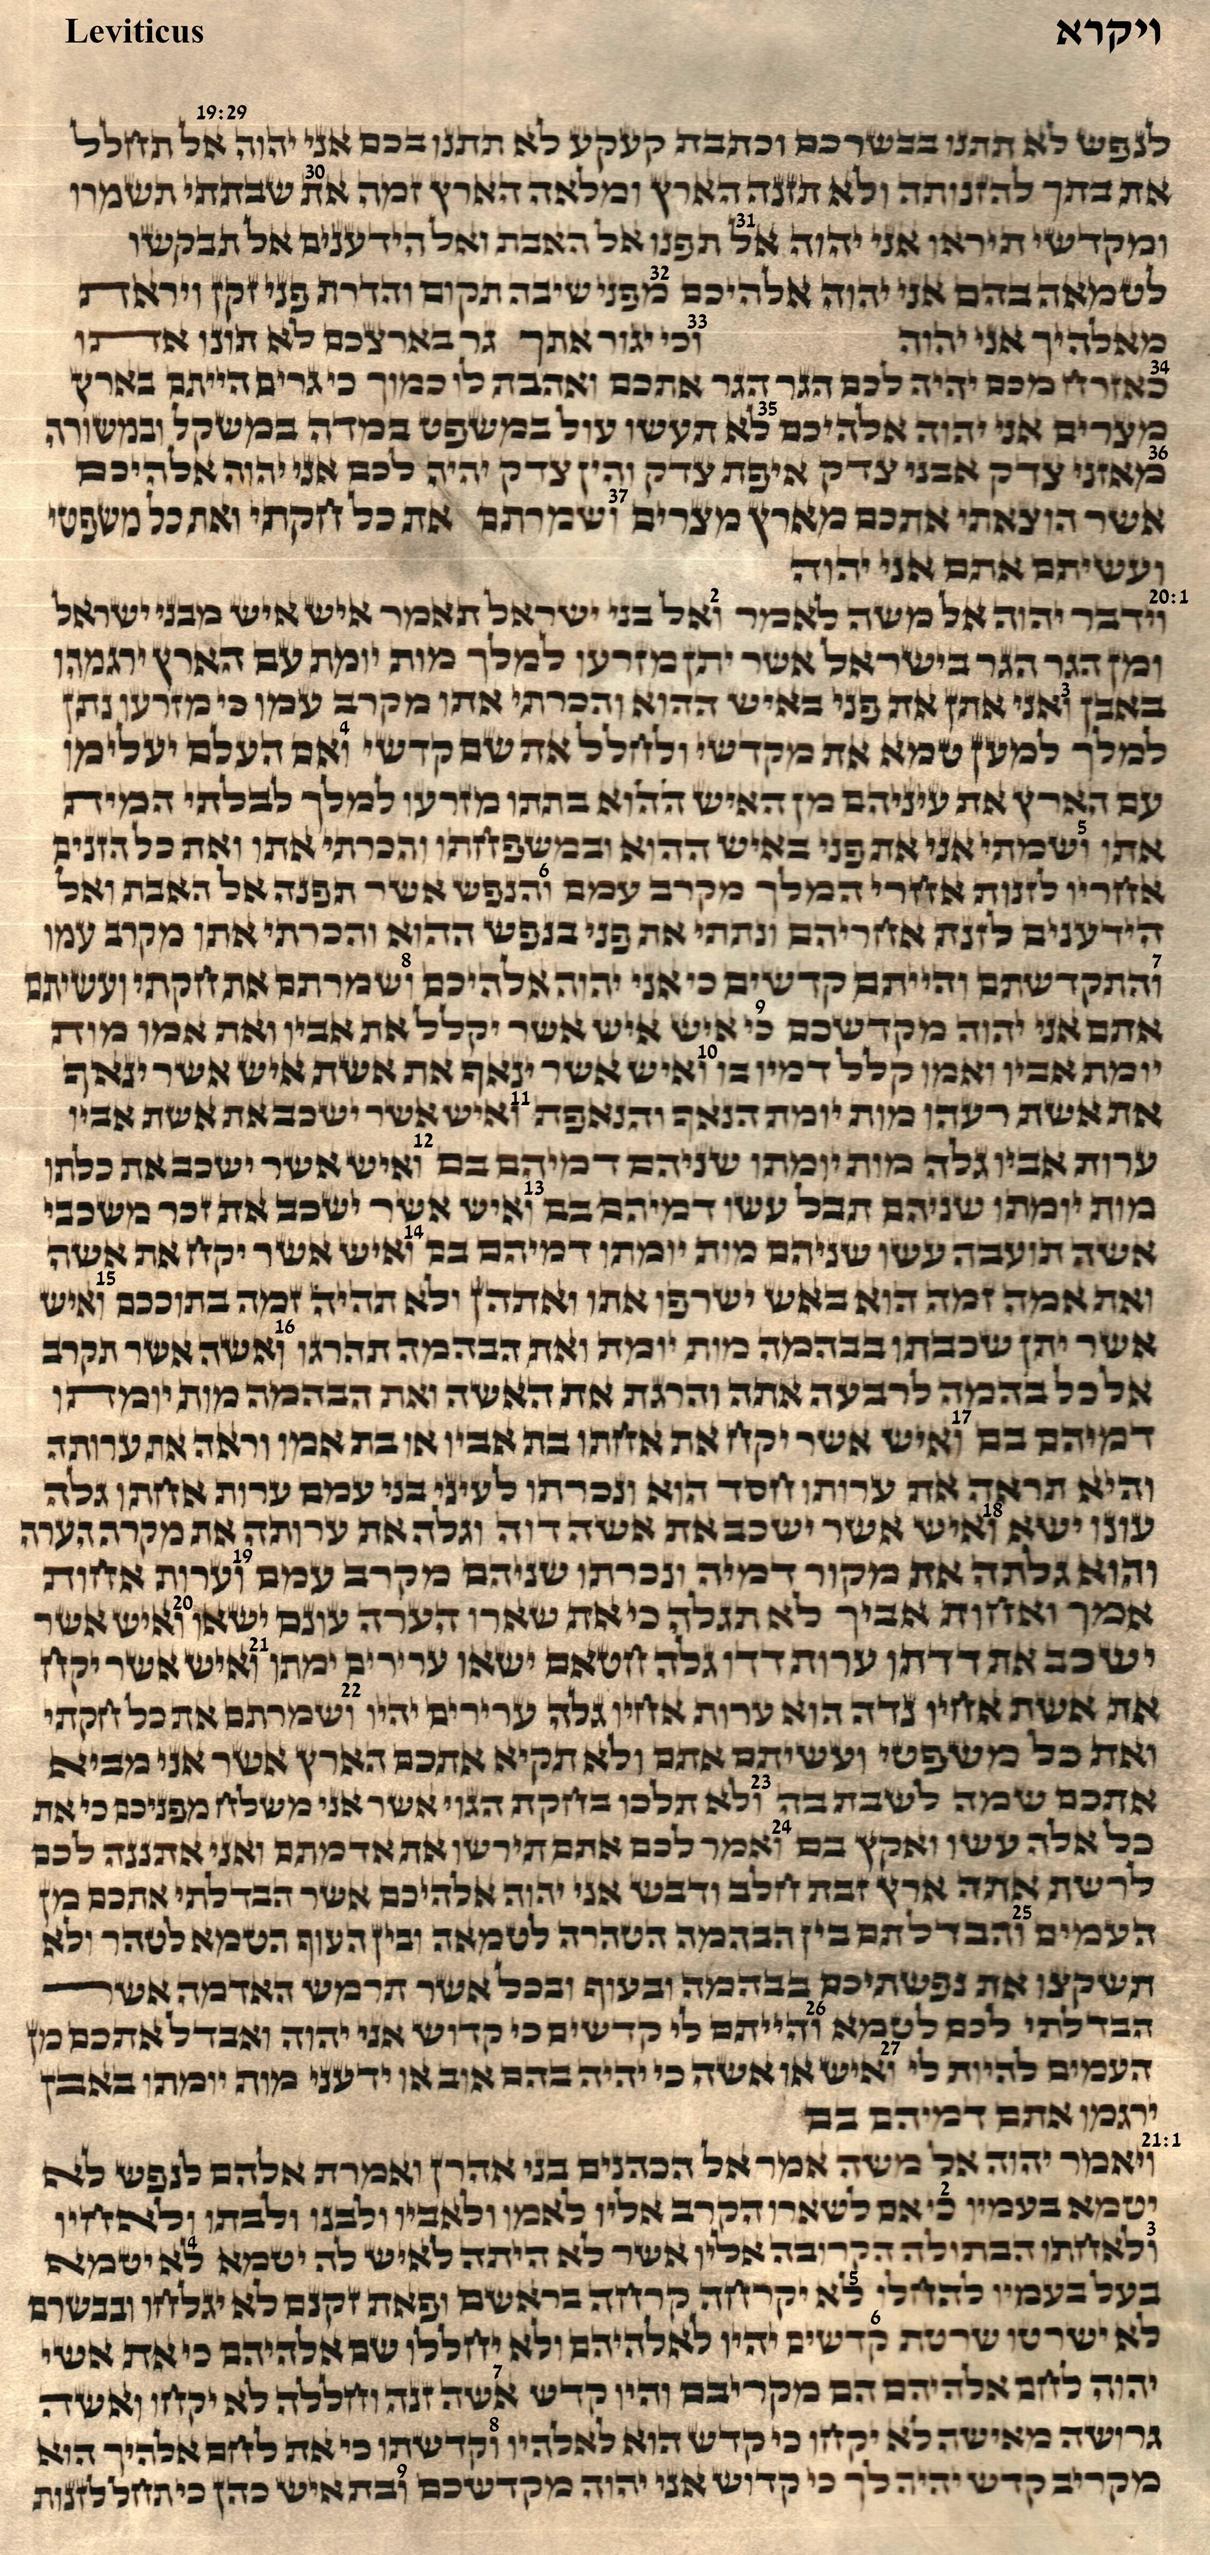 Leviticus 19.29 - 21.9